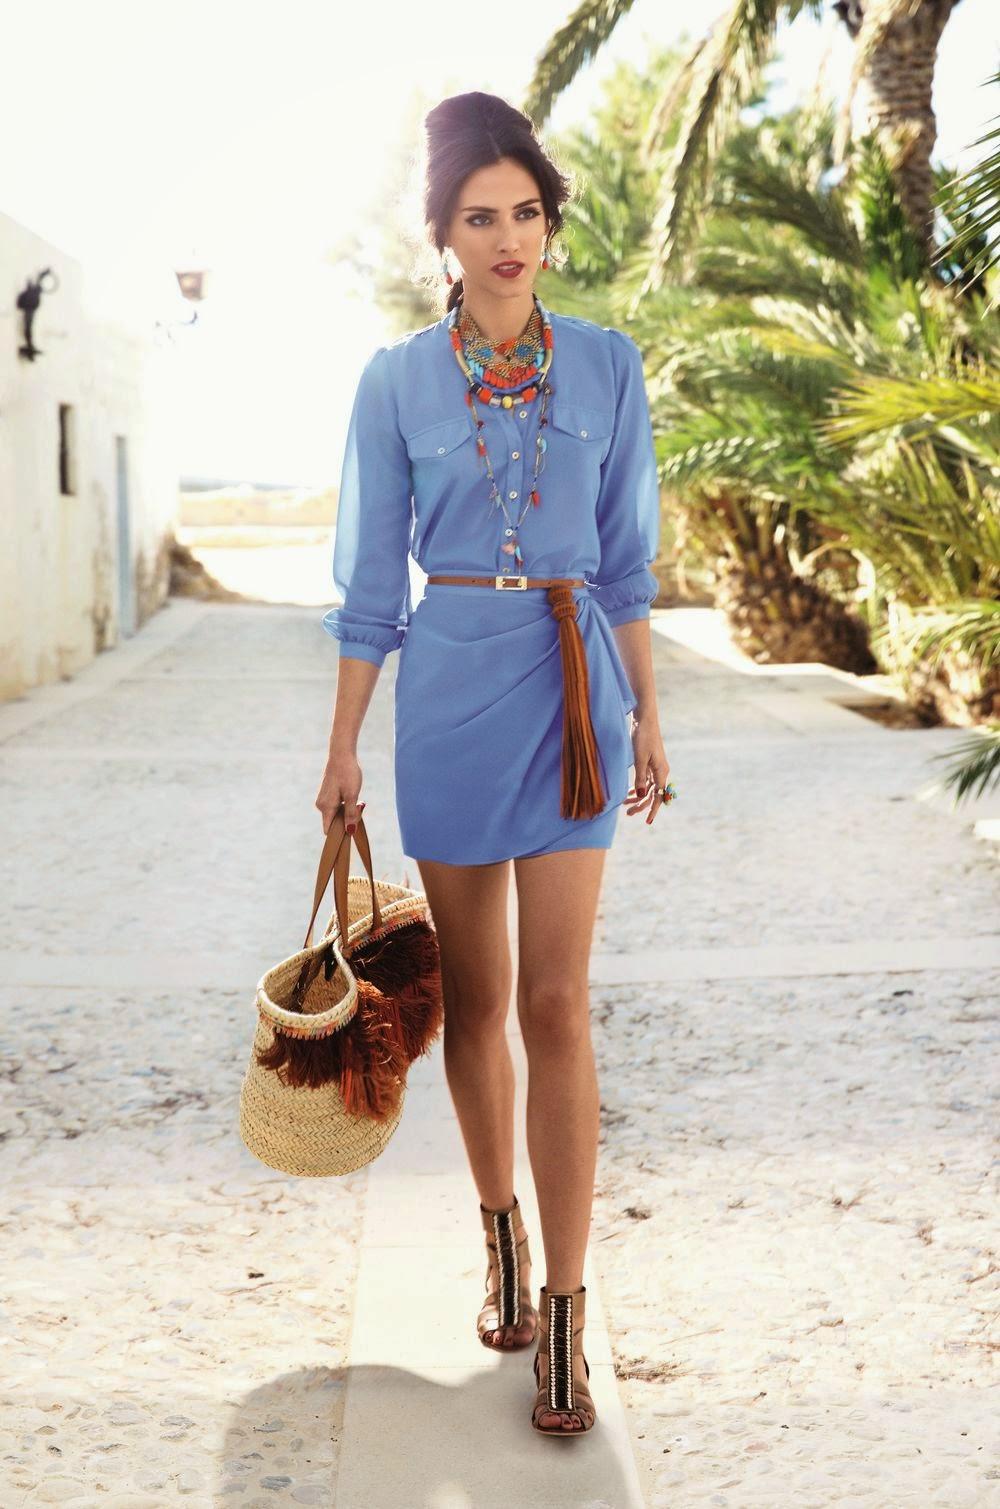 Cuplé, Mediterraneo, calzado, Made in Spain, Bárbara García, womenswear, sportwear, spring 2014, primavera,